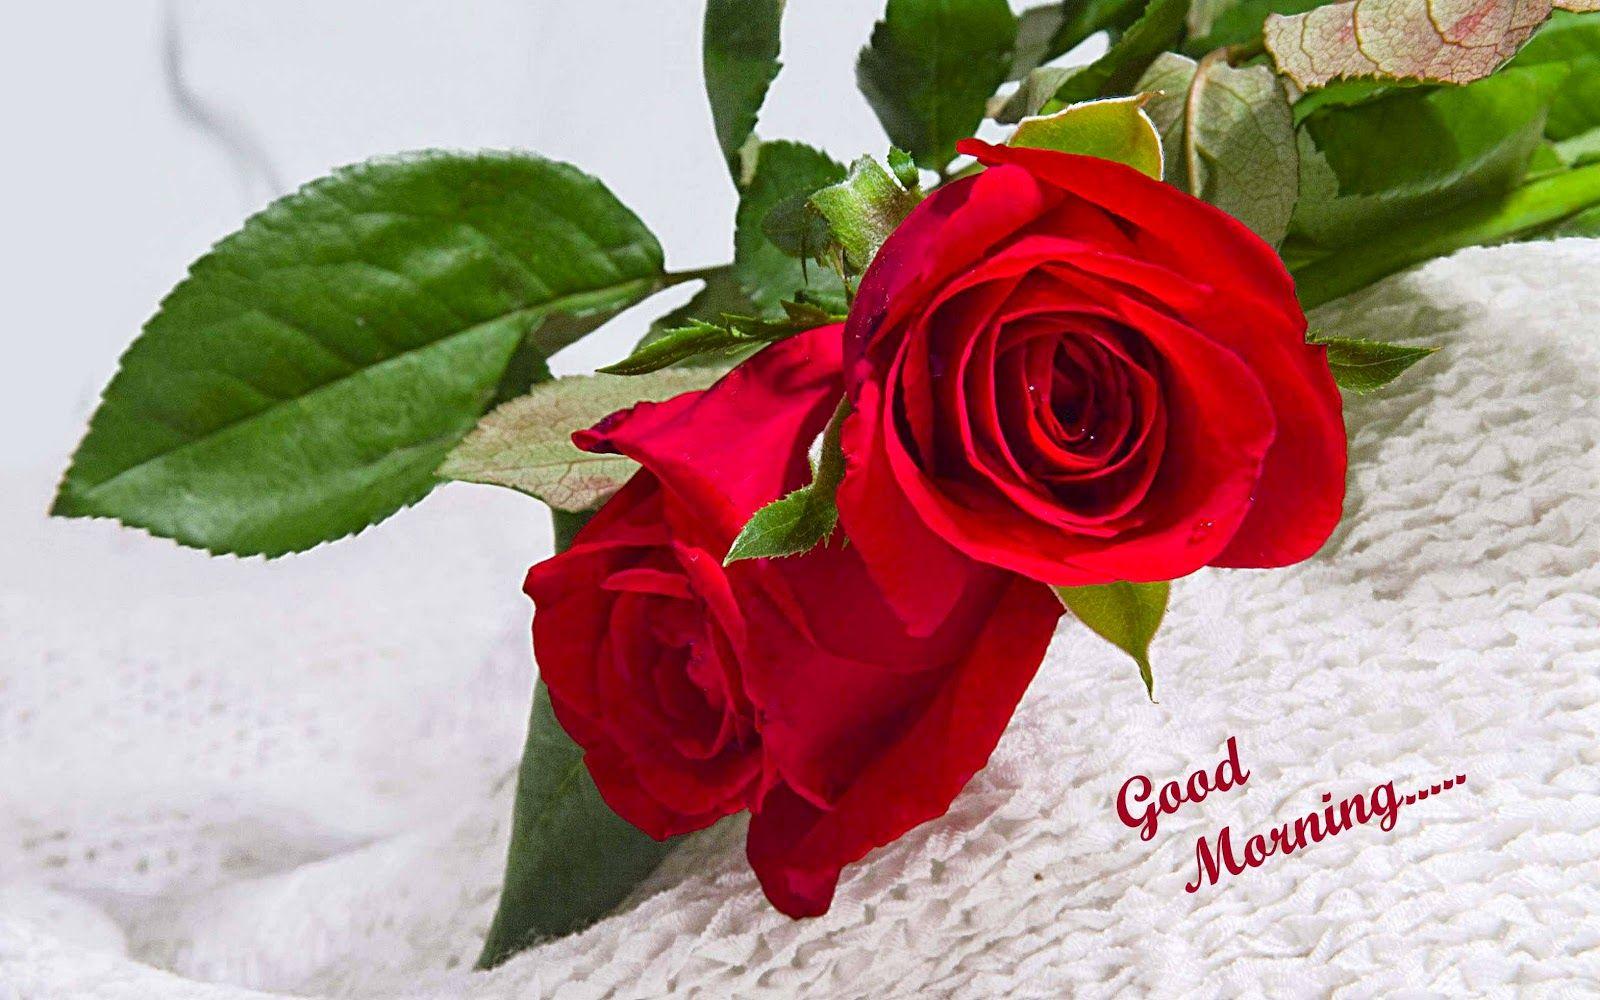 Good Morning Image With Love 2015 Good Morning Image With Love Couple Good Morning Image With Shayari Rose Flower Wallpaper Good Morning Roses Morning Flowers